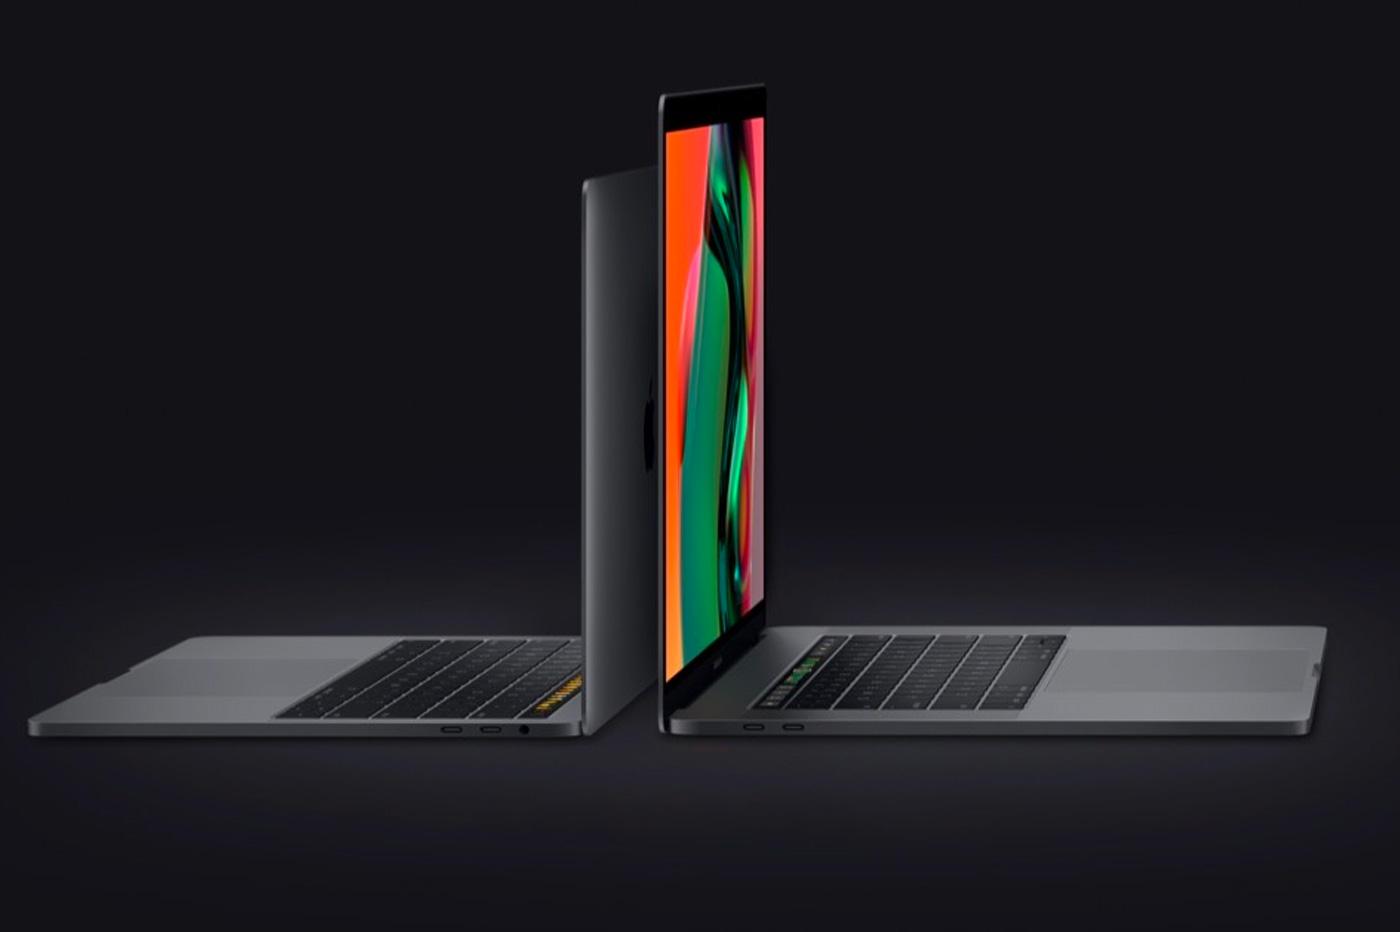 Apple confirme que la puce T2 bloque certaines réparations tierces